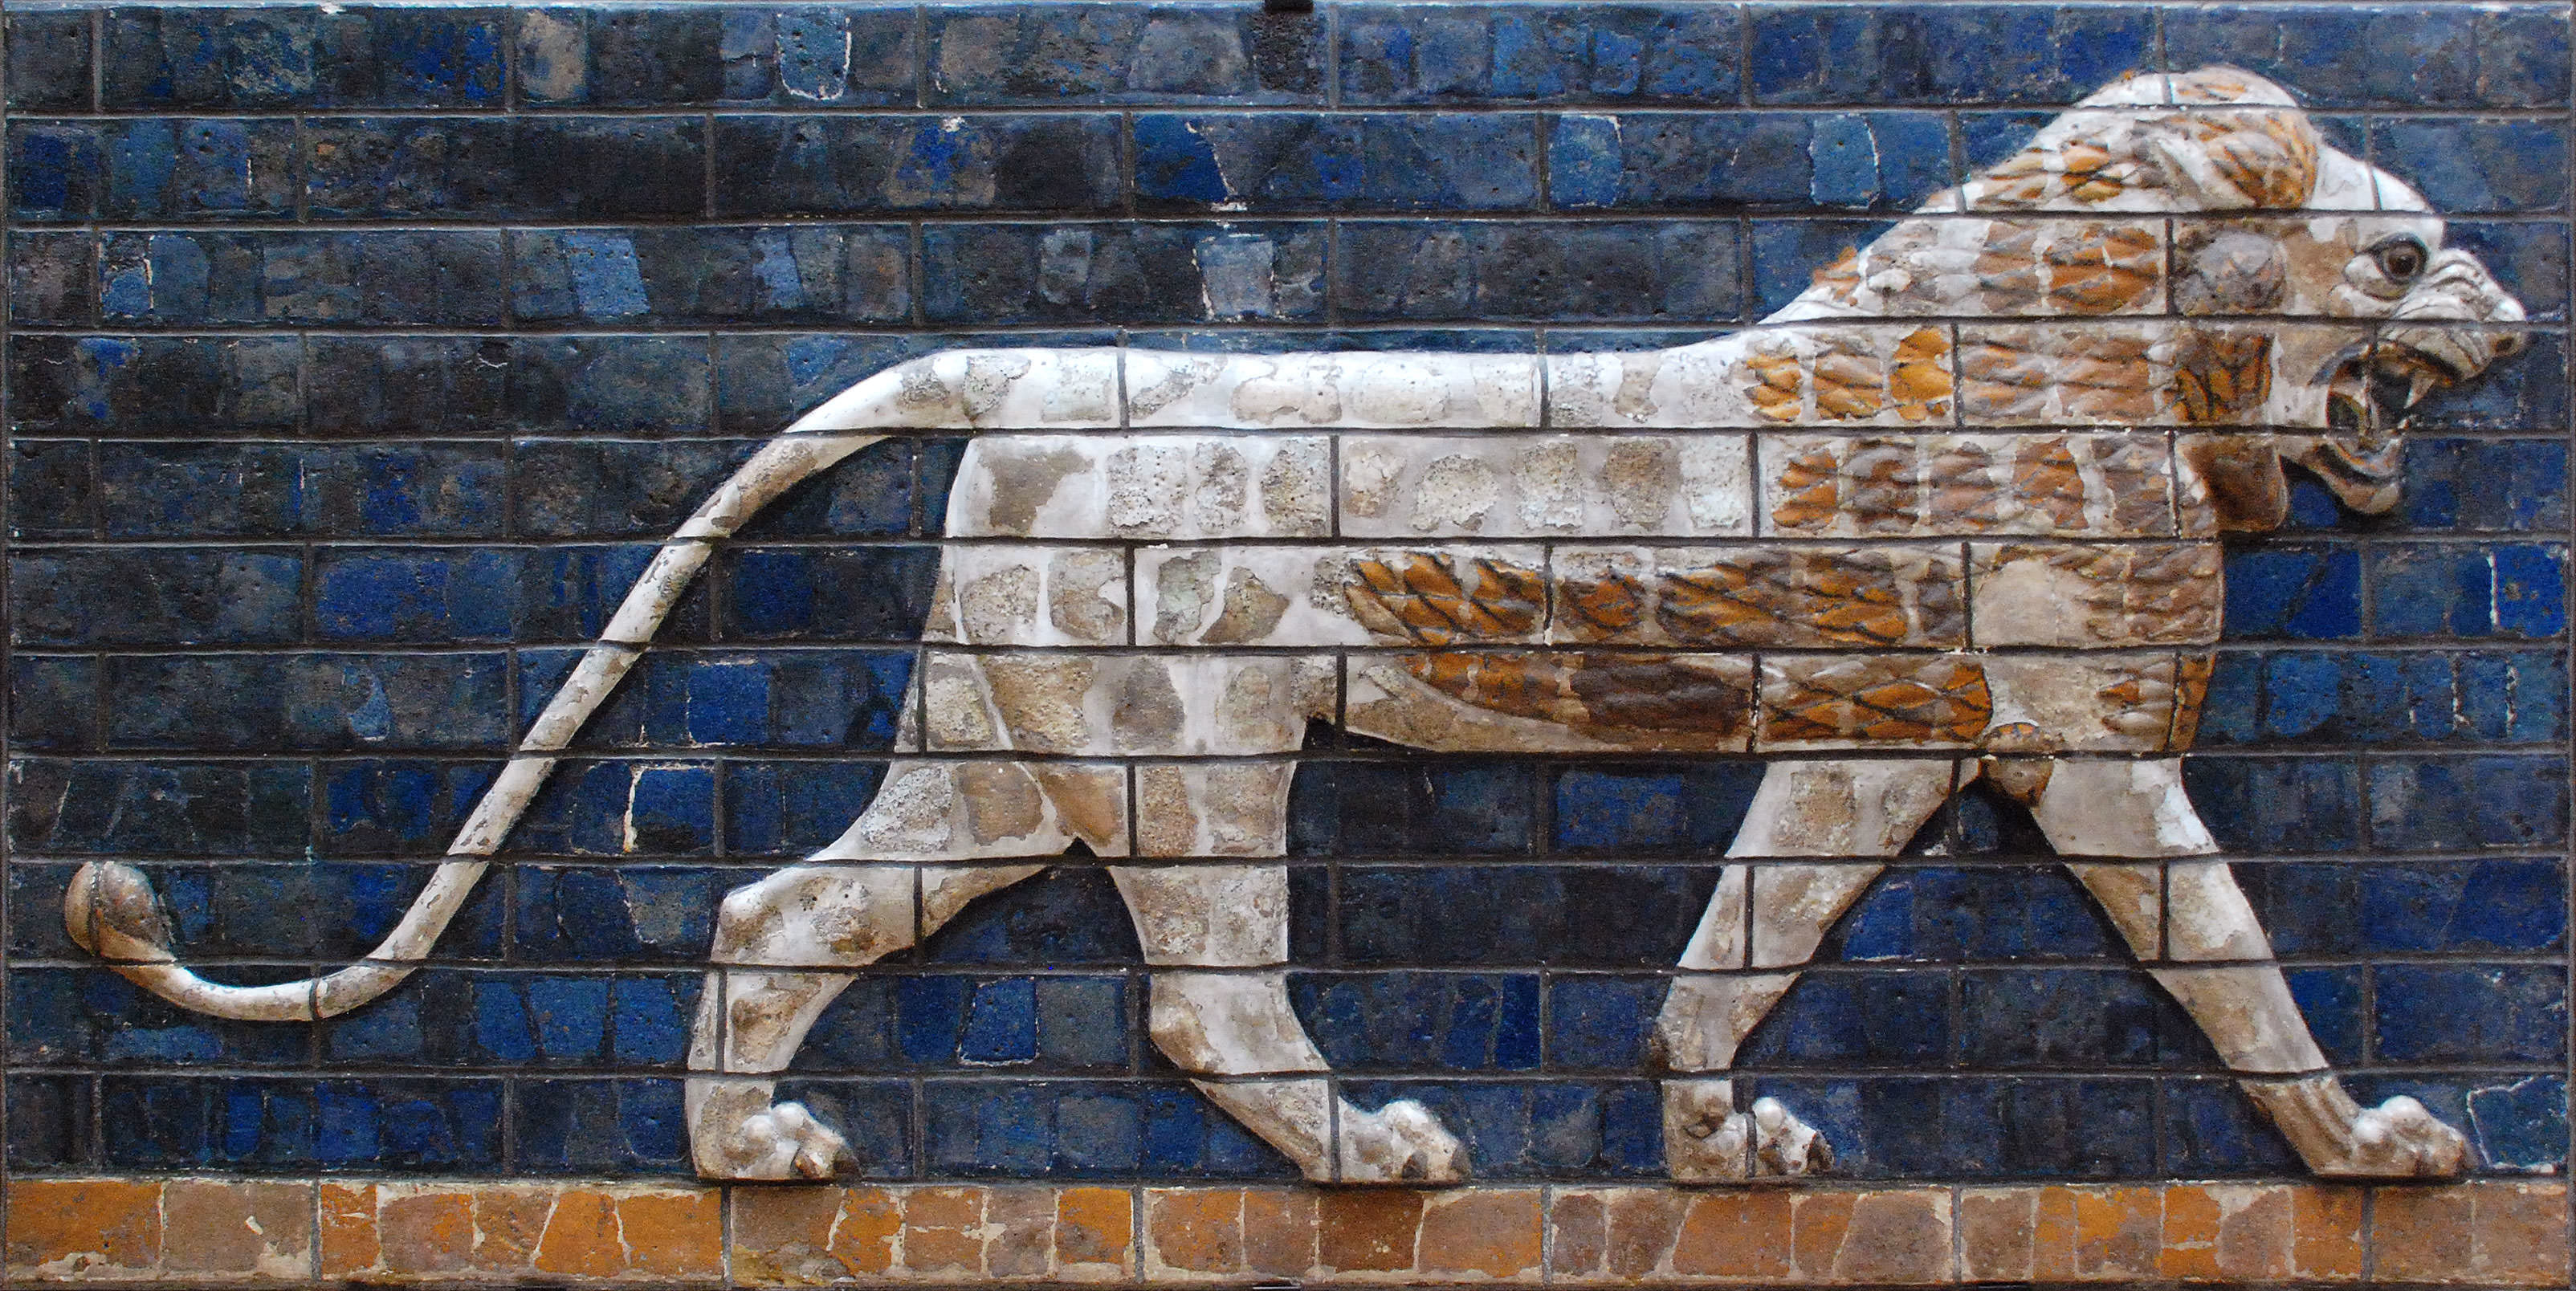 iştar kapısı, aslan